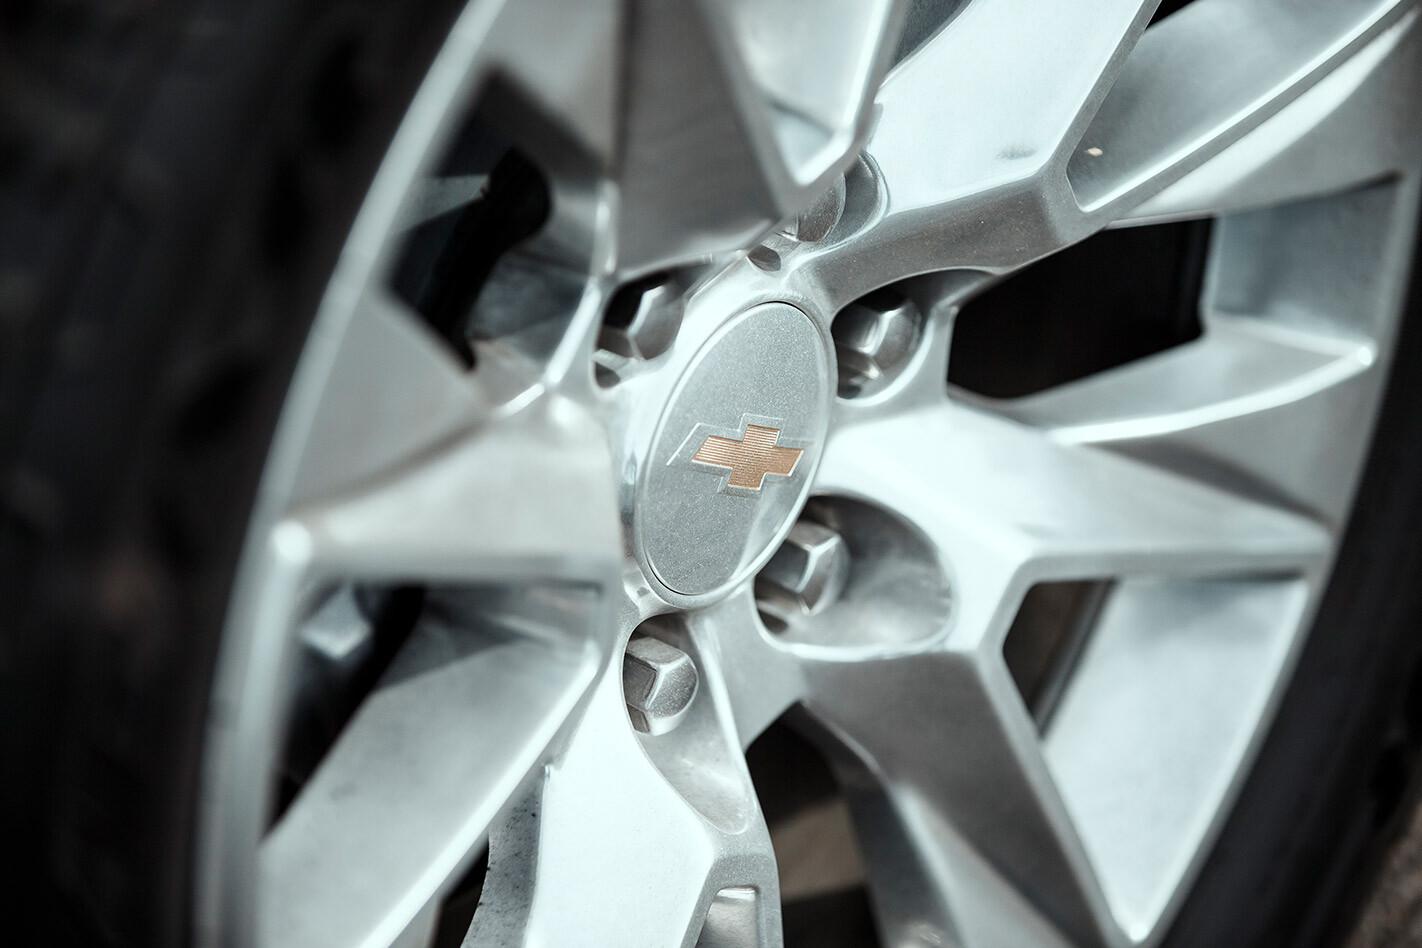 Chevrolet Silverado wheel